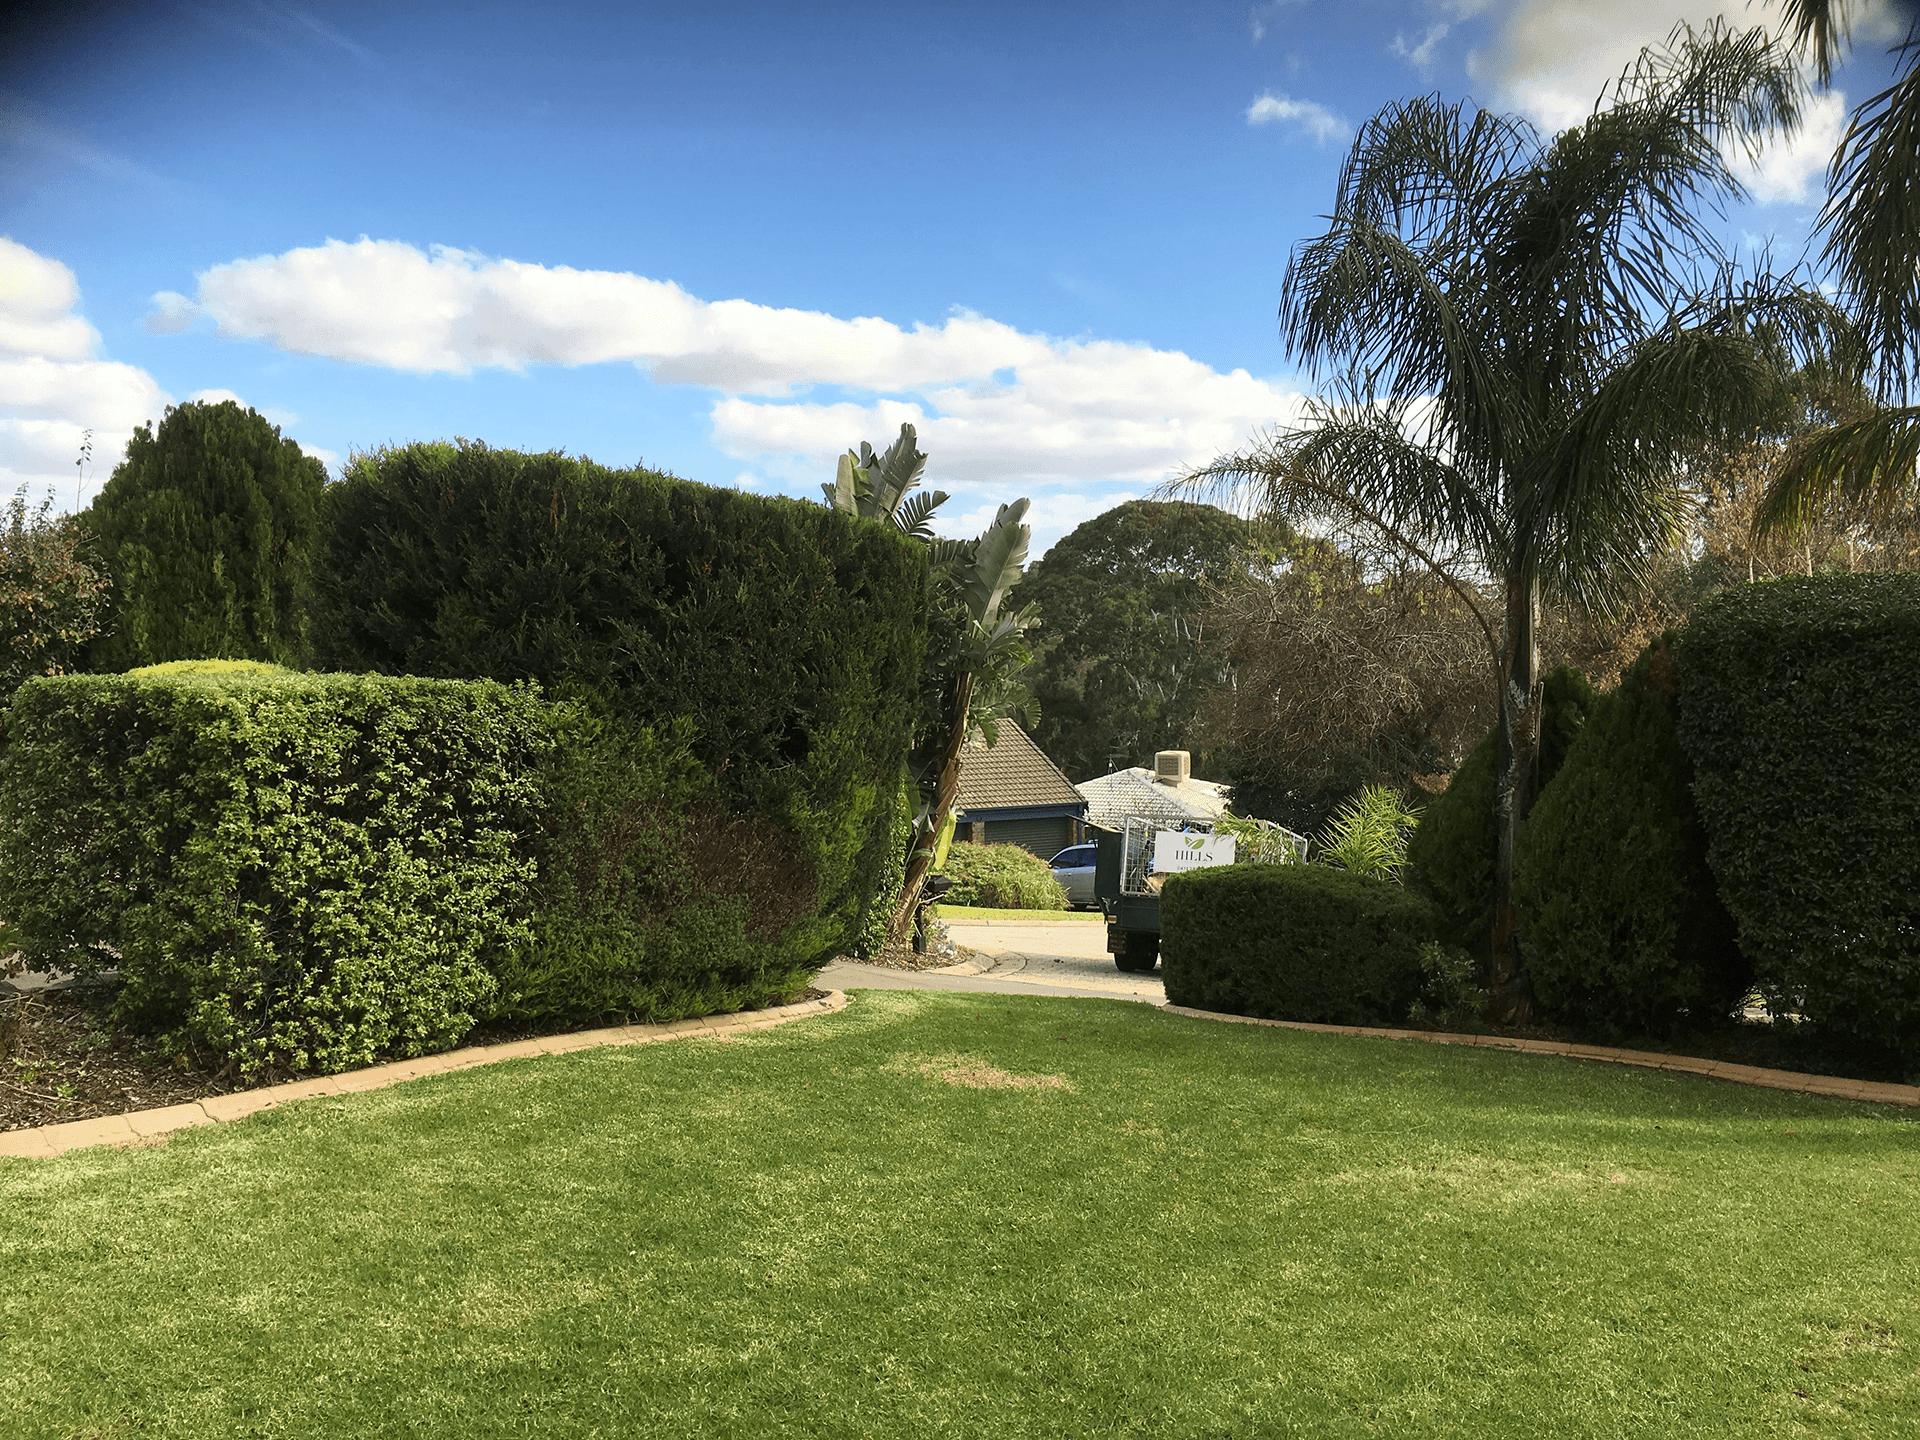 Hills Adda Instant Garden : Mowing edging hills garden service